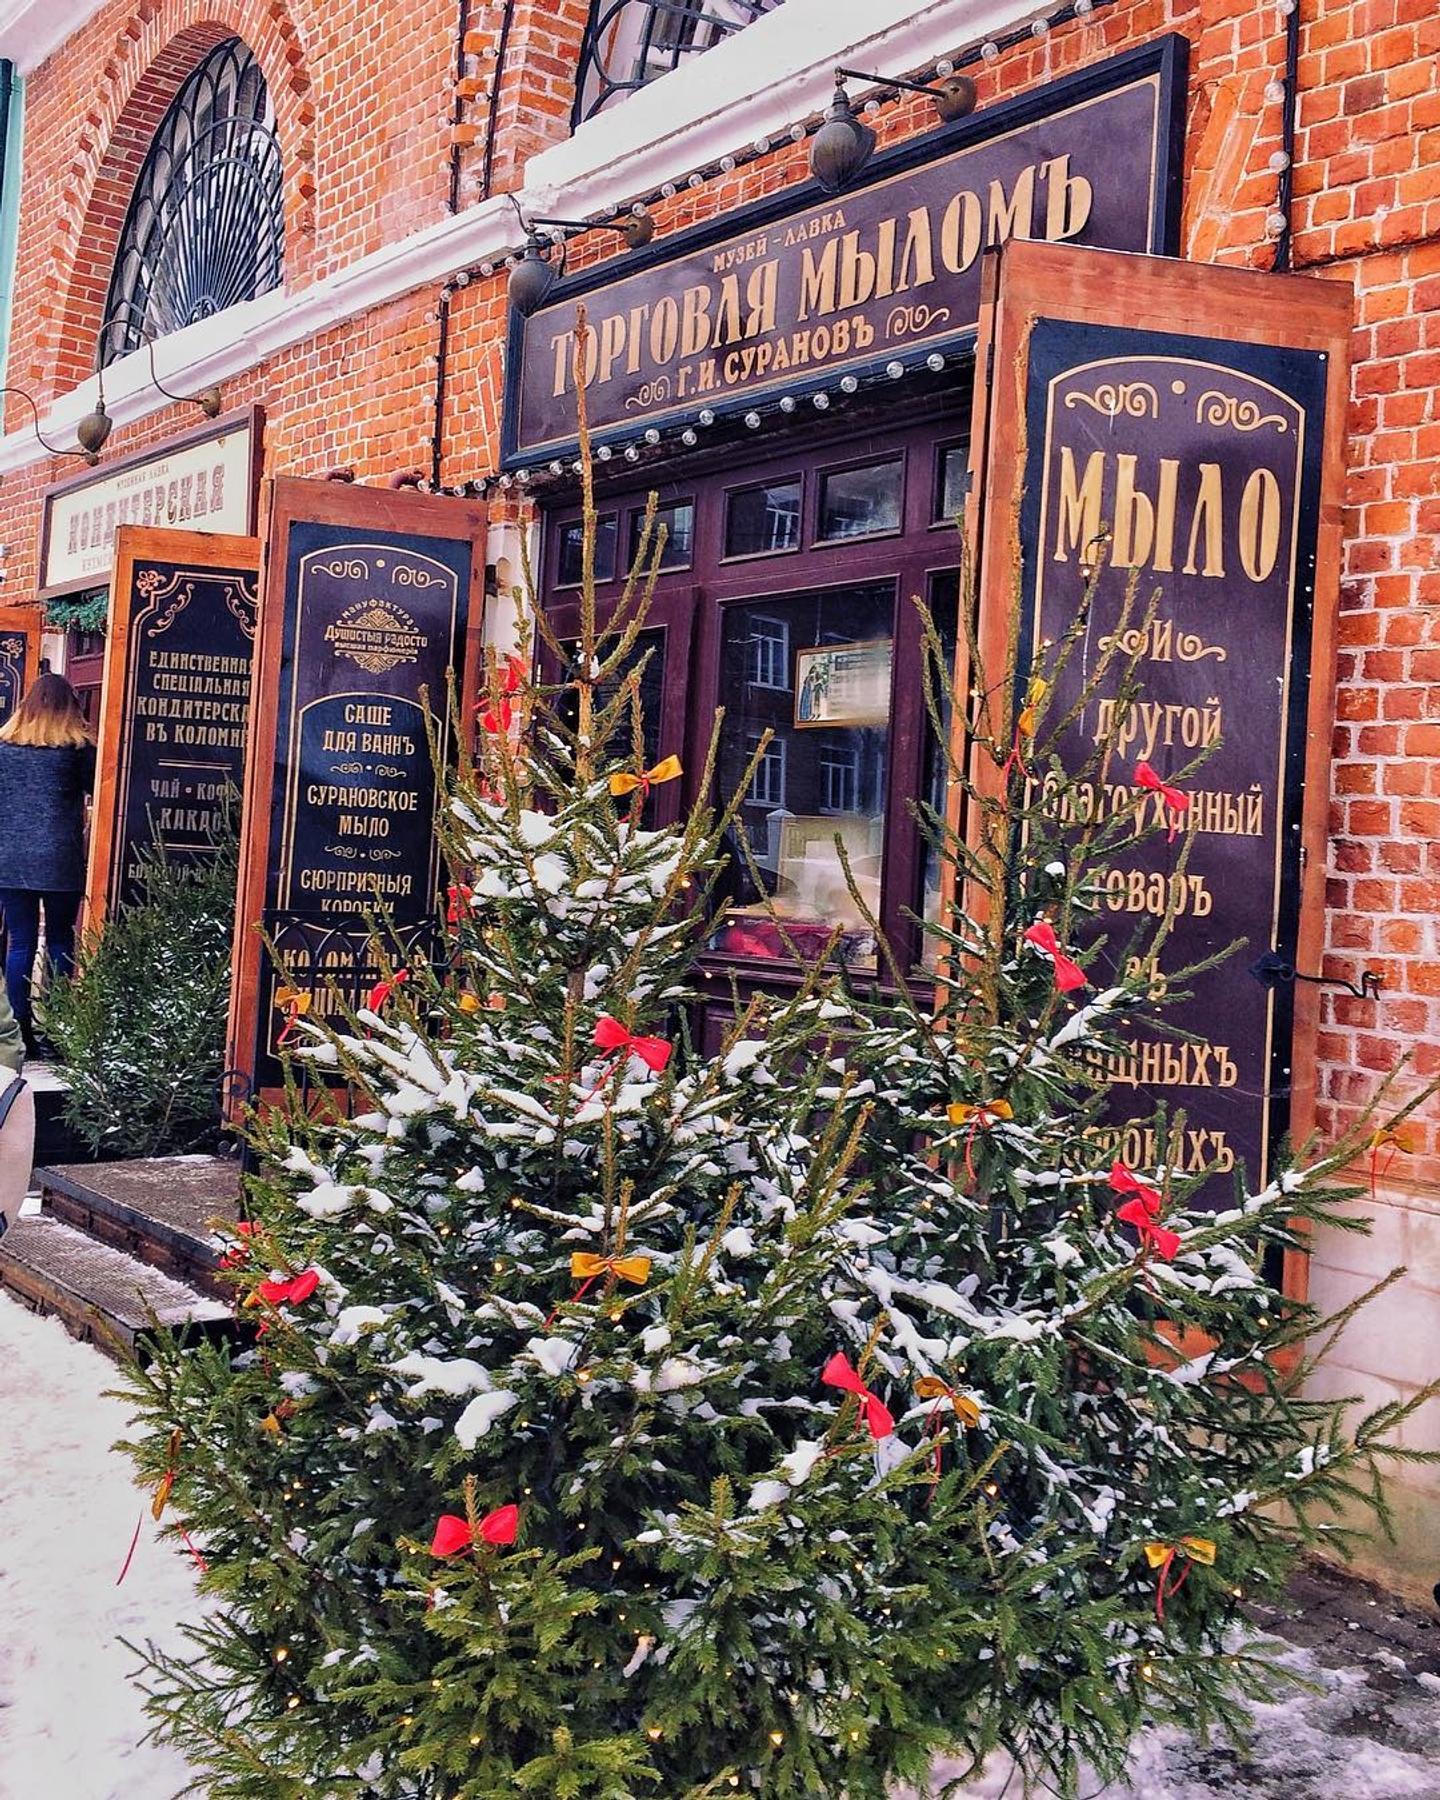 Куда сходить в Коломне: музей мыла и мыловарения